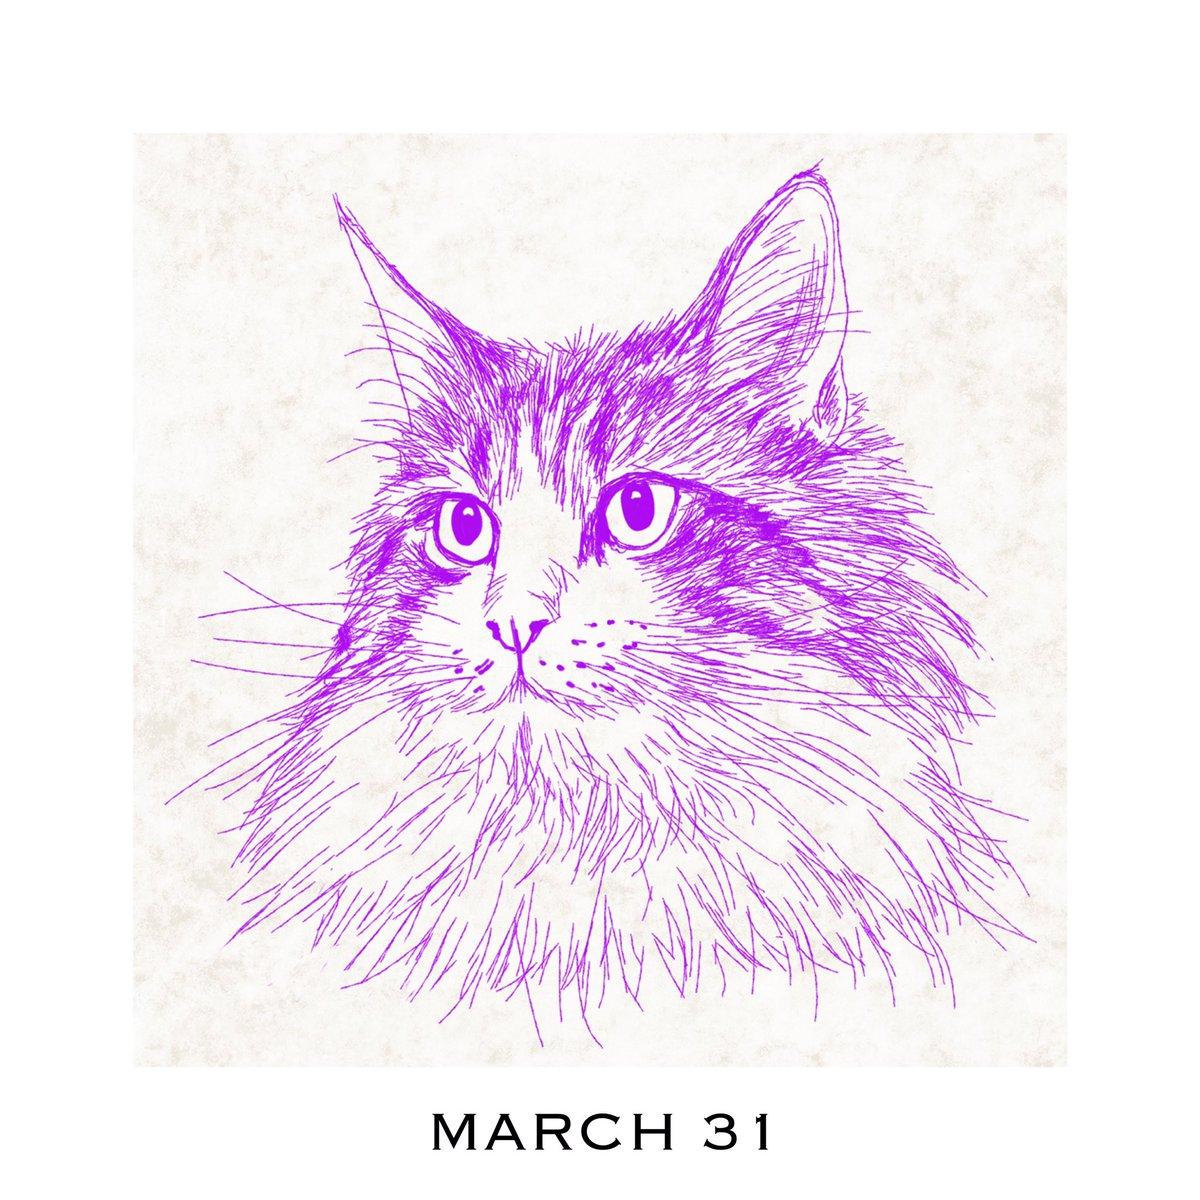 猫好きイラストレーター 365cat Art 3月31日 猫カレンダー 365catart Catscalendar 3月もう終わりにゃ 猫のフリーイラスト 配布中 T Co 1lhrrxj5af 猫好きさんと繋がりたい 猫 ねこ 猫似顔絵 猫イラスト 猫イラストレーター 猫